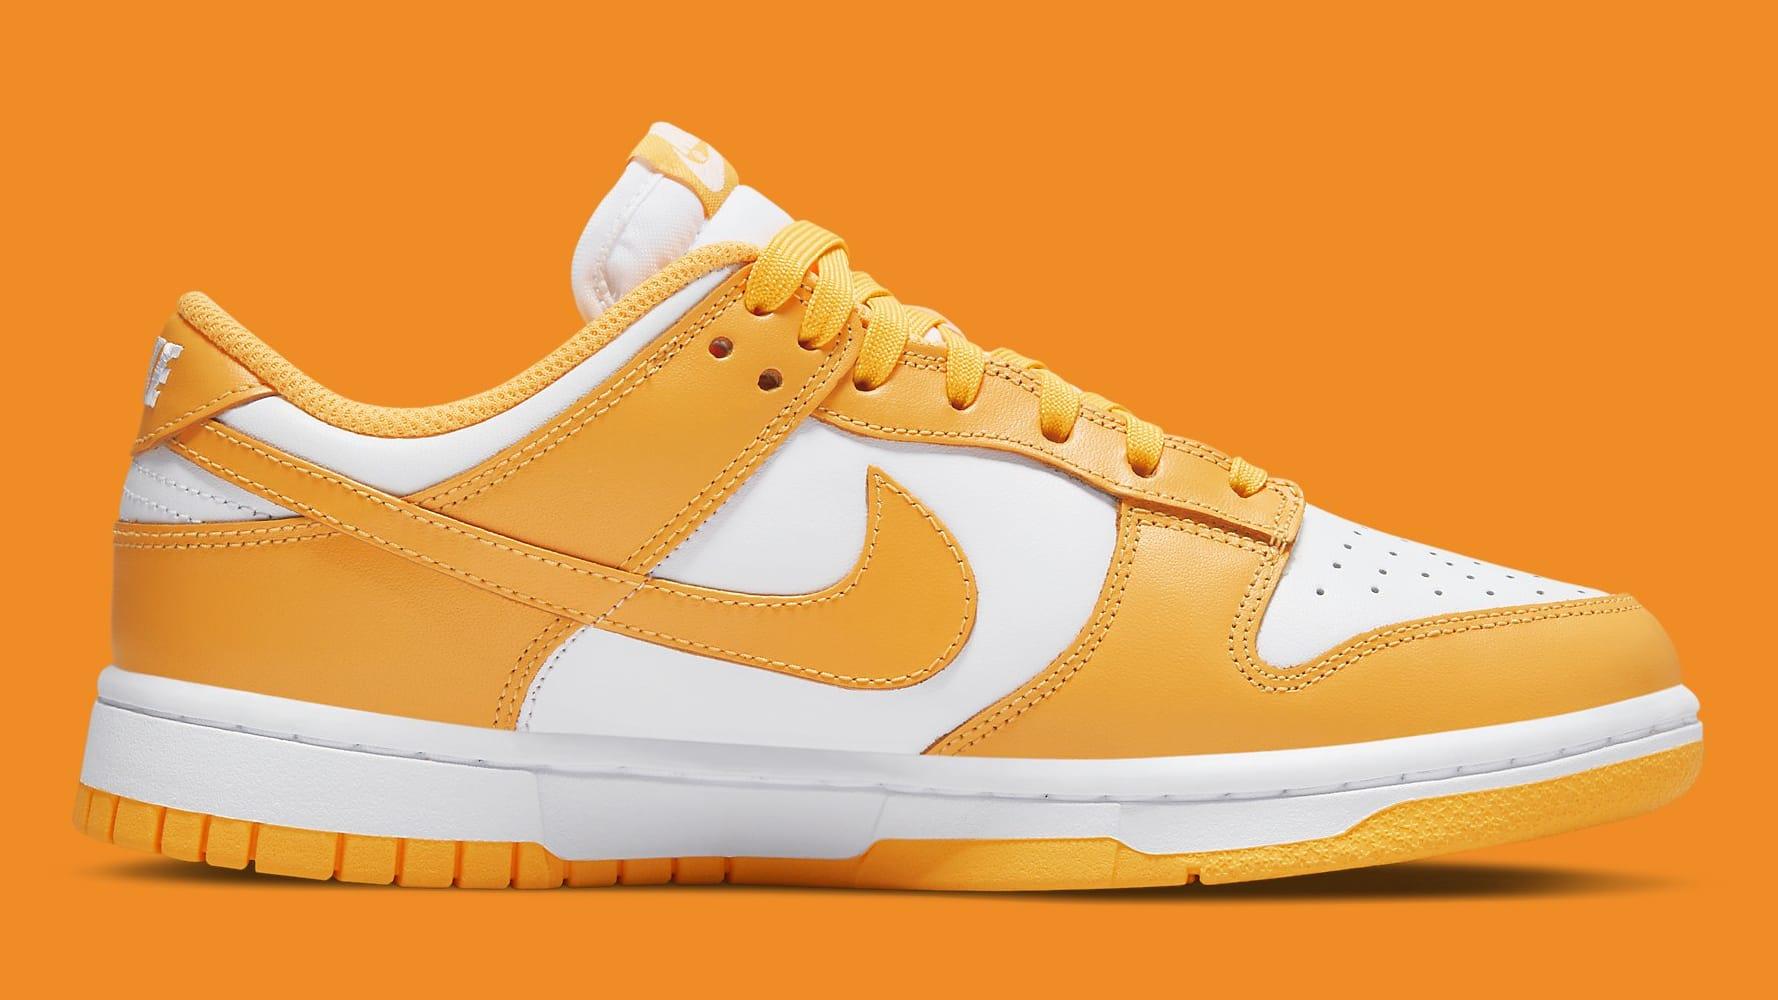 Nike Dunk Low Laser Orange Release Date DD1503-800 Medial